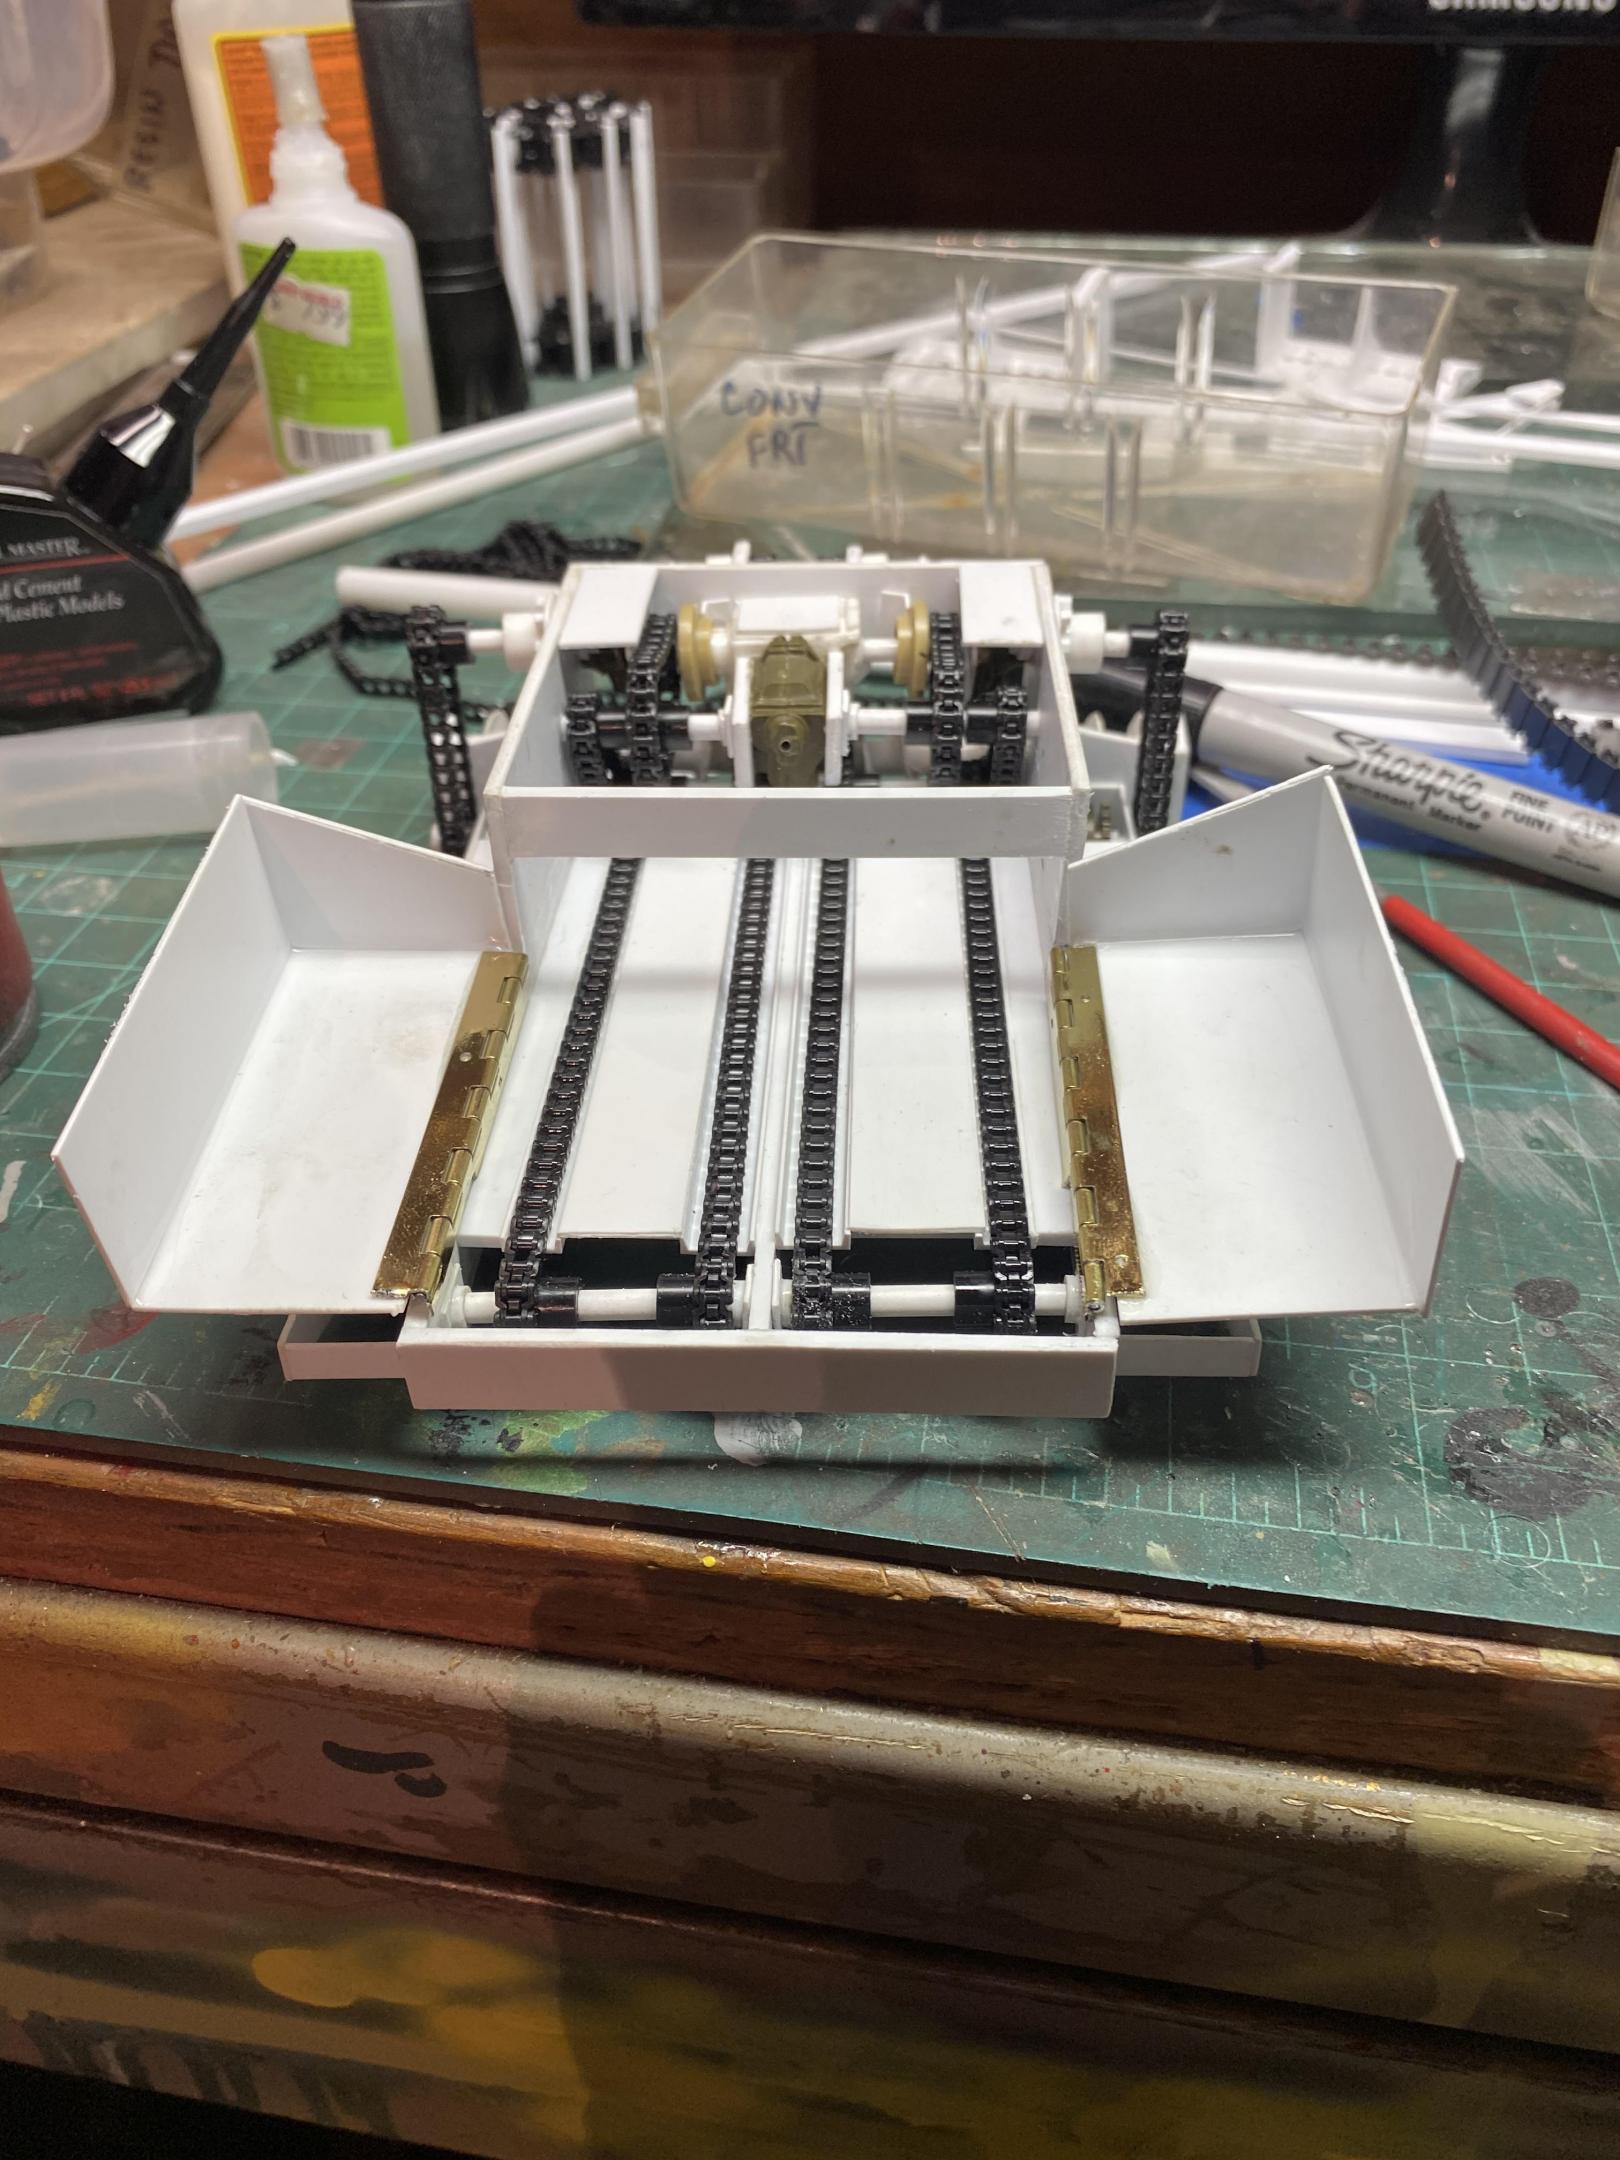 EC761B21-39A8-4909-AA3F-12A5ED8AC0C1.jpeg